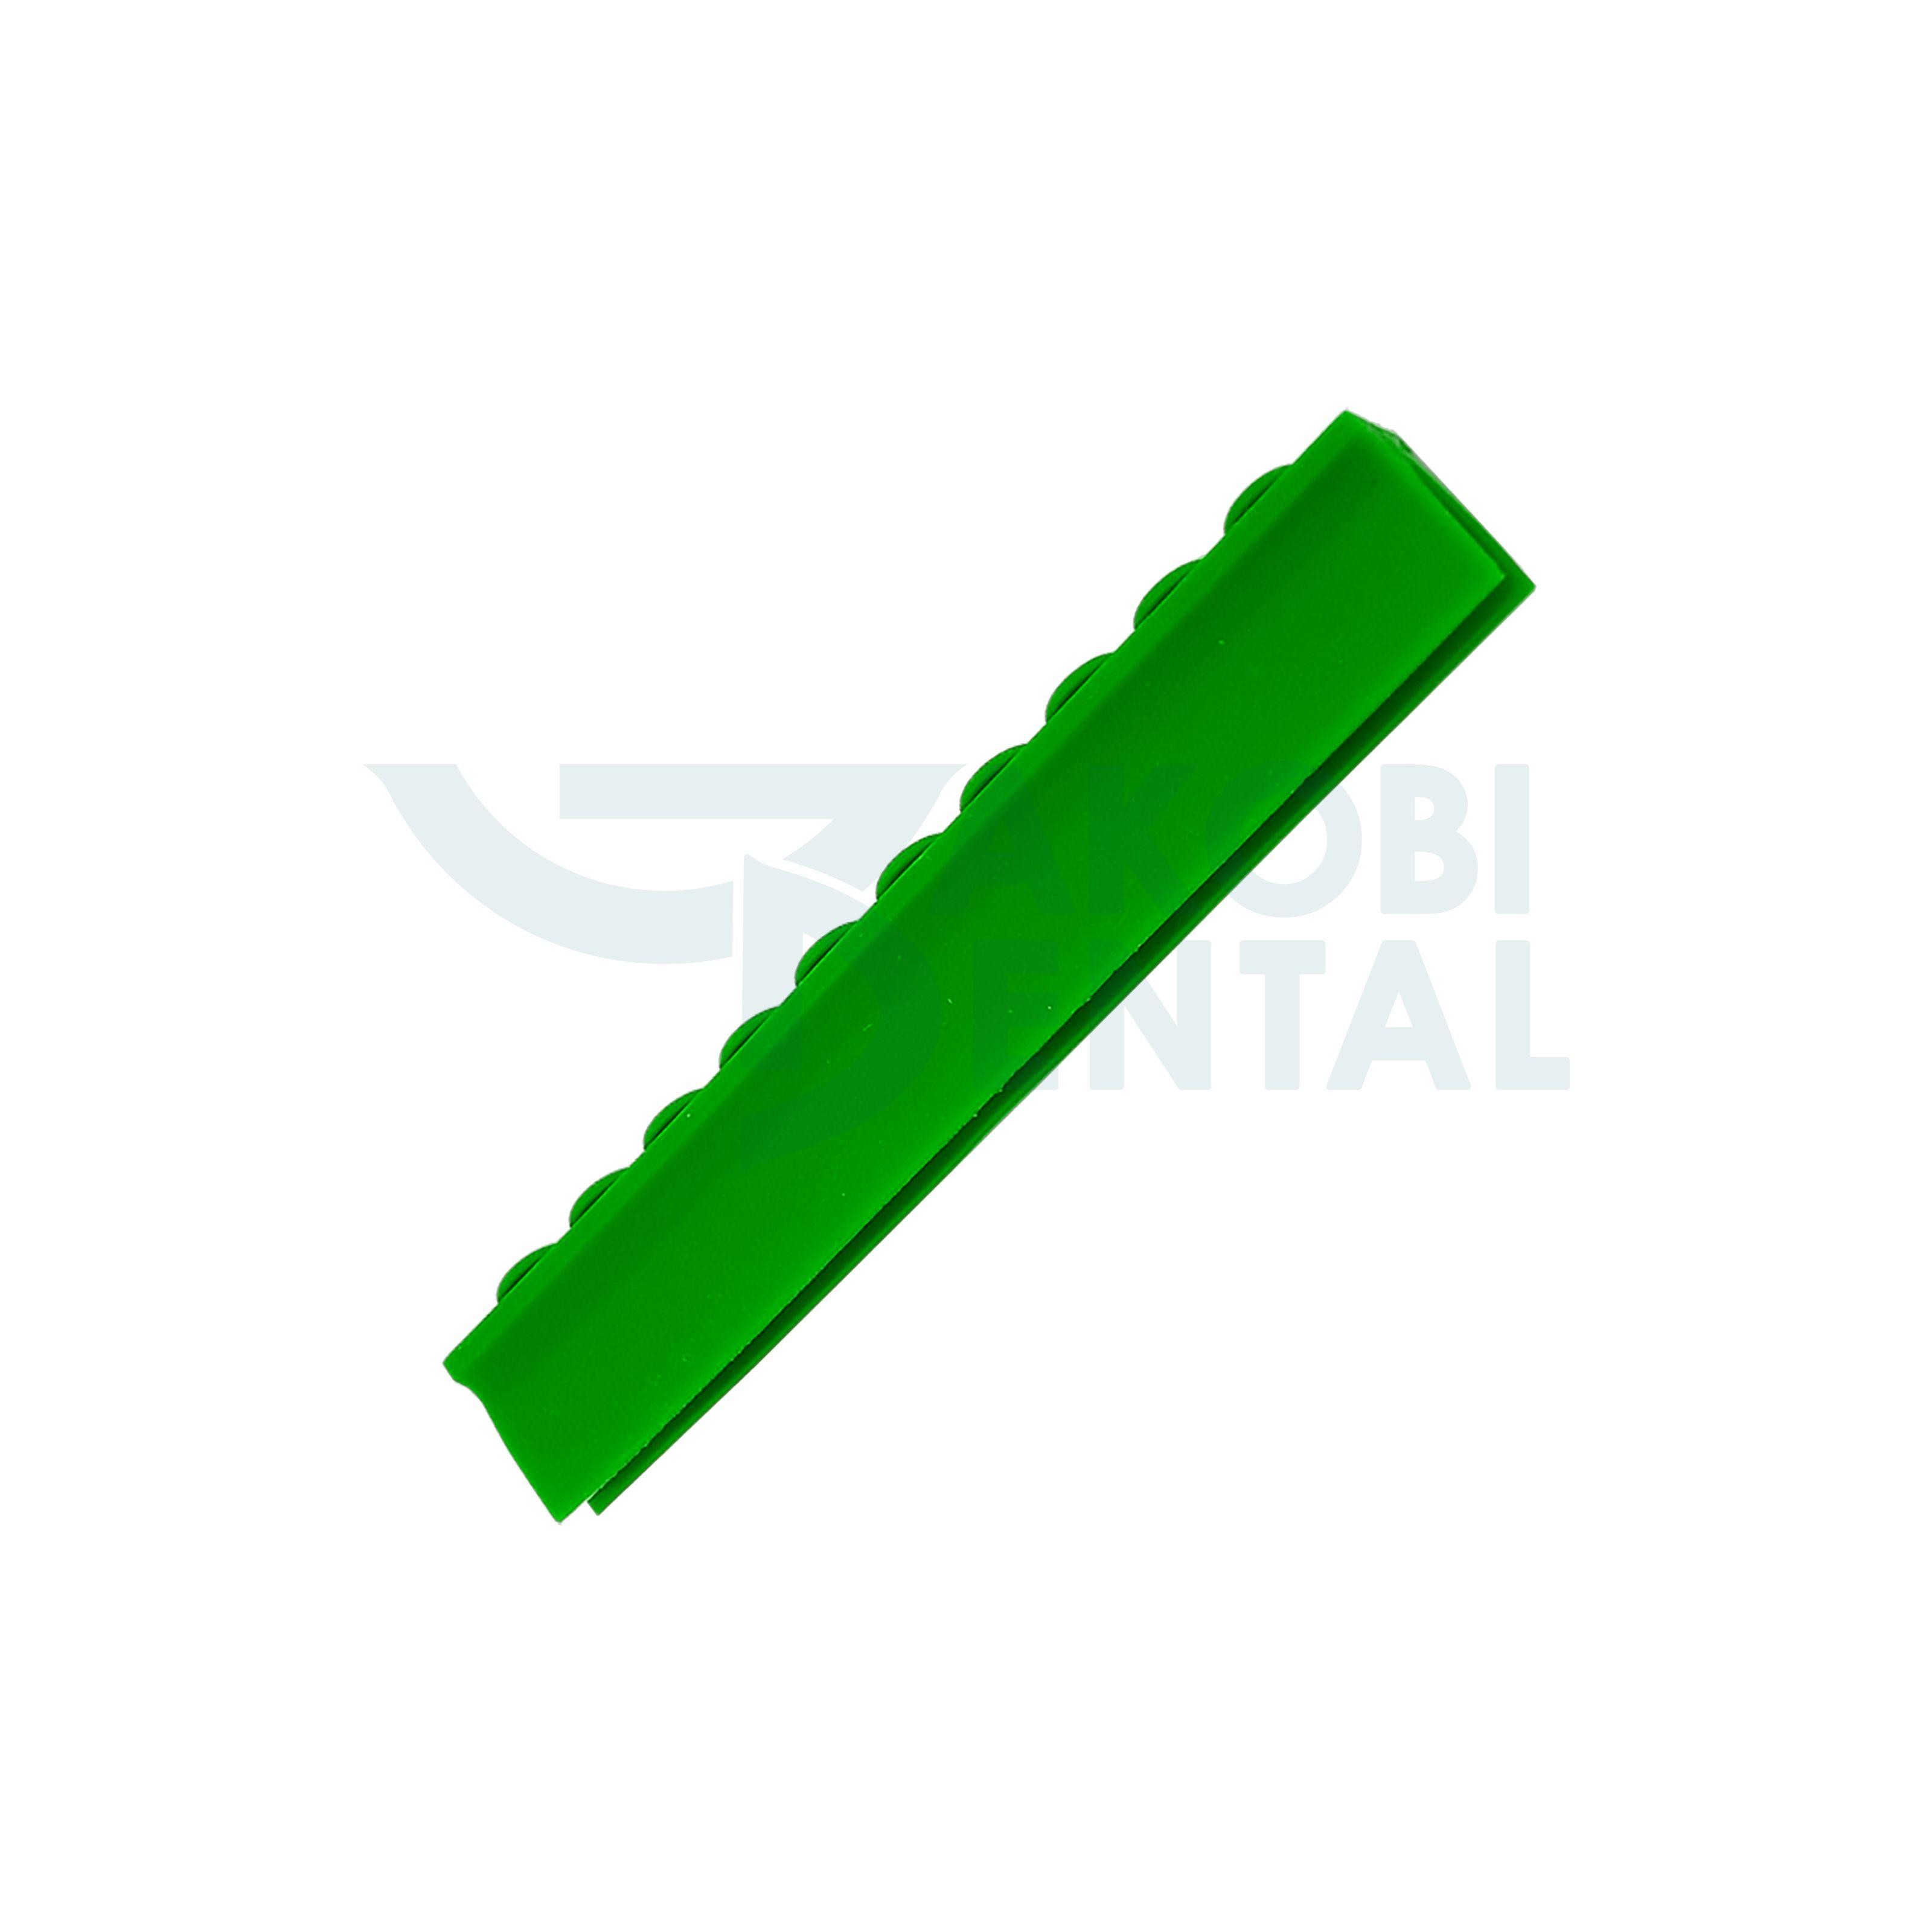 Deckelschiene für 10 Instrumente, grün